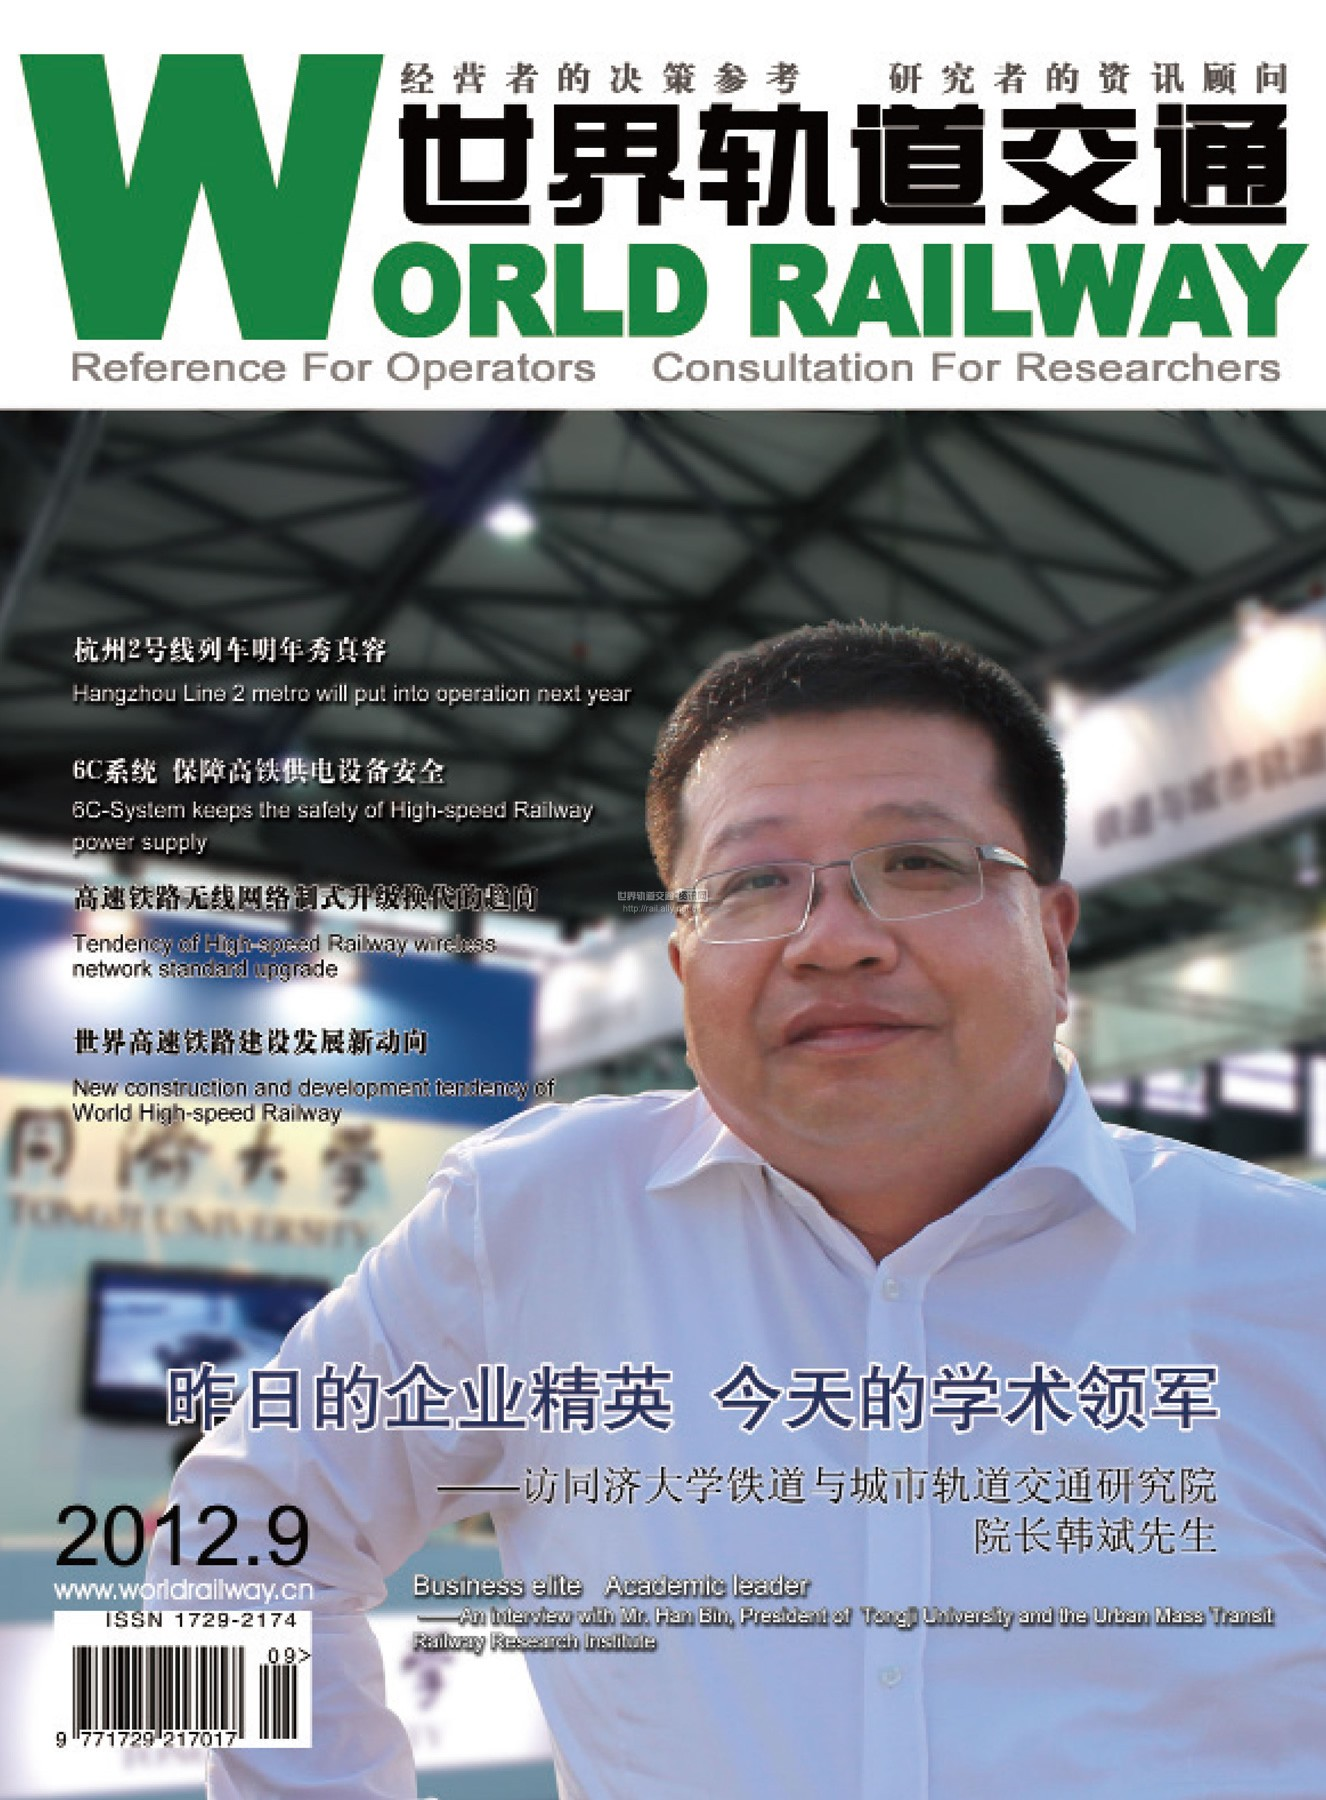 《世界轨道交通》杂志